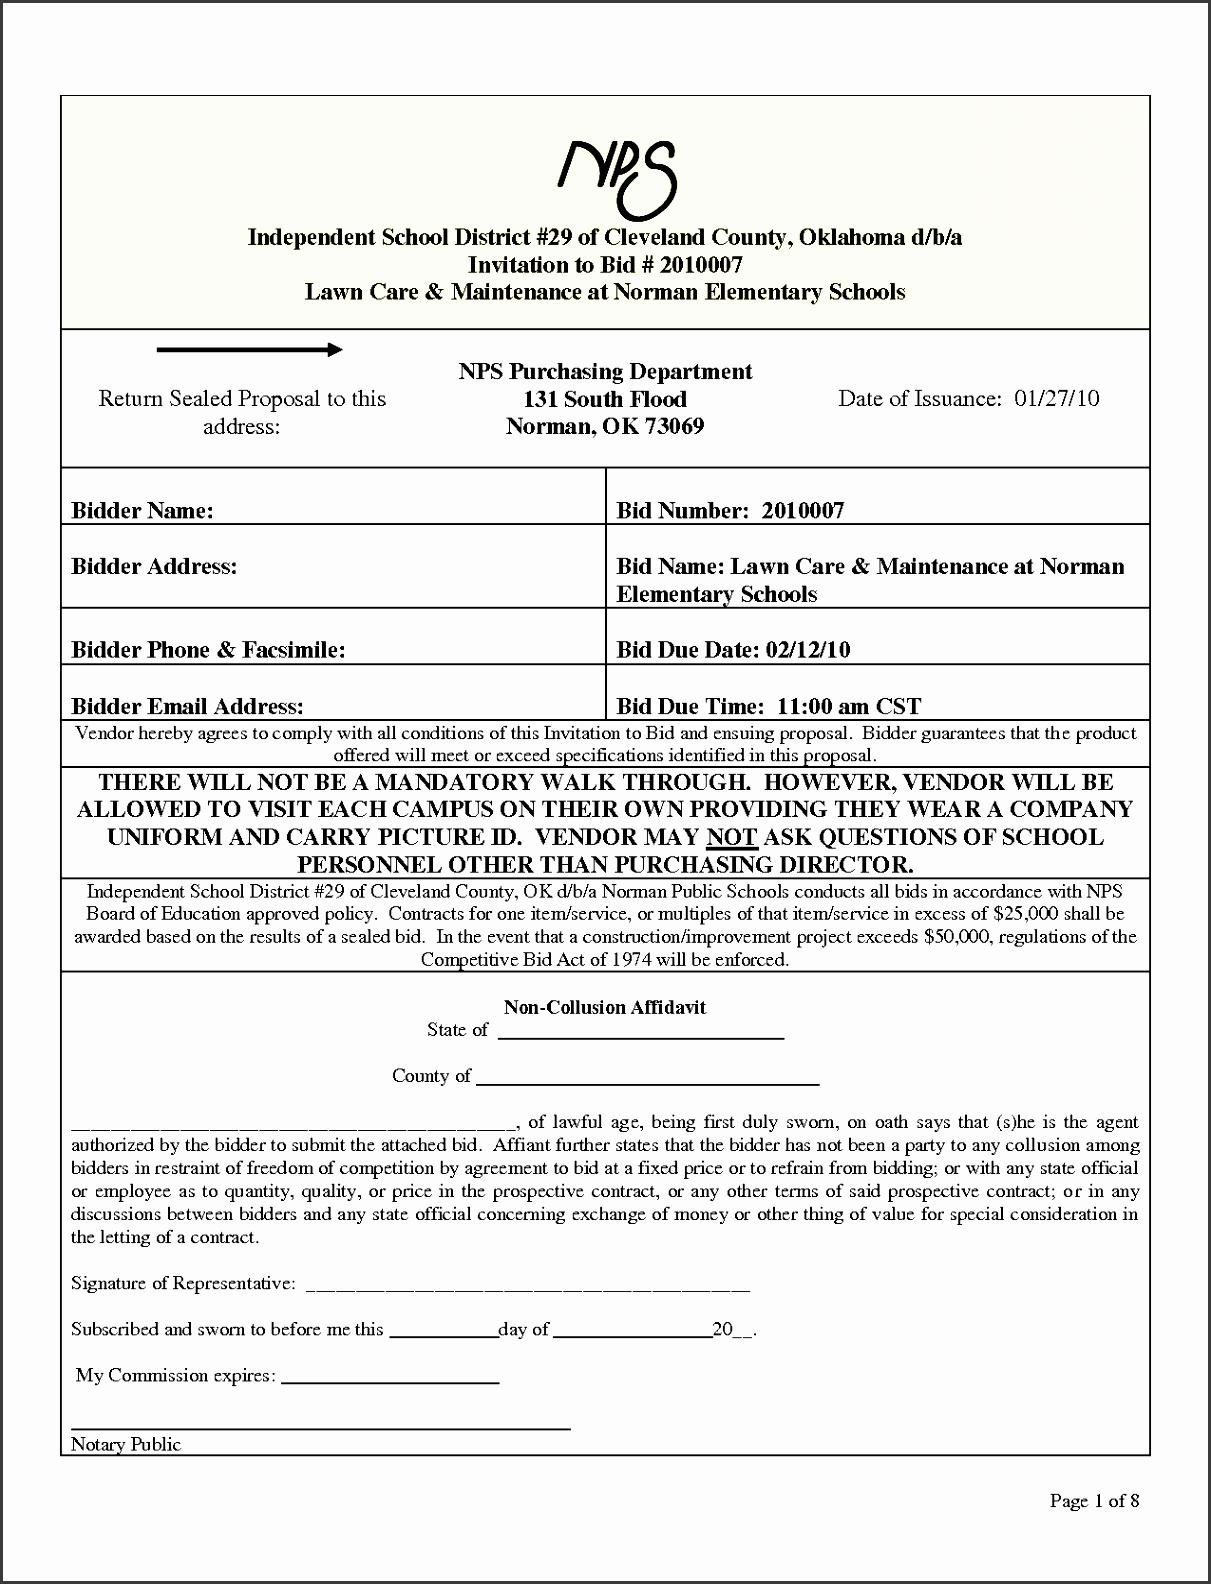 7 Vendor Proposal Template - SampleTemplatess - SampleTemplatess